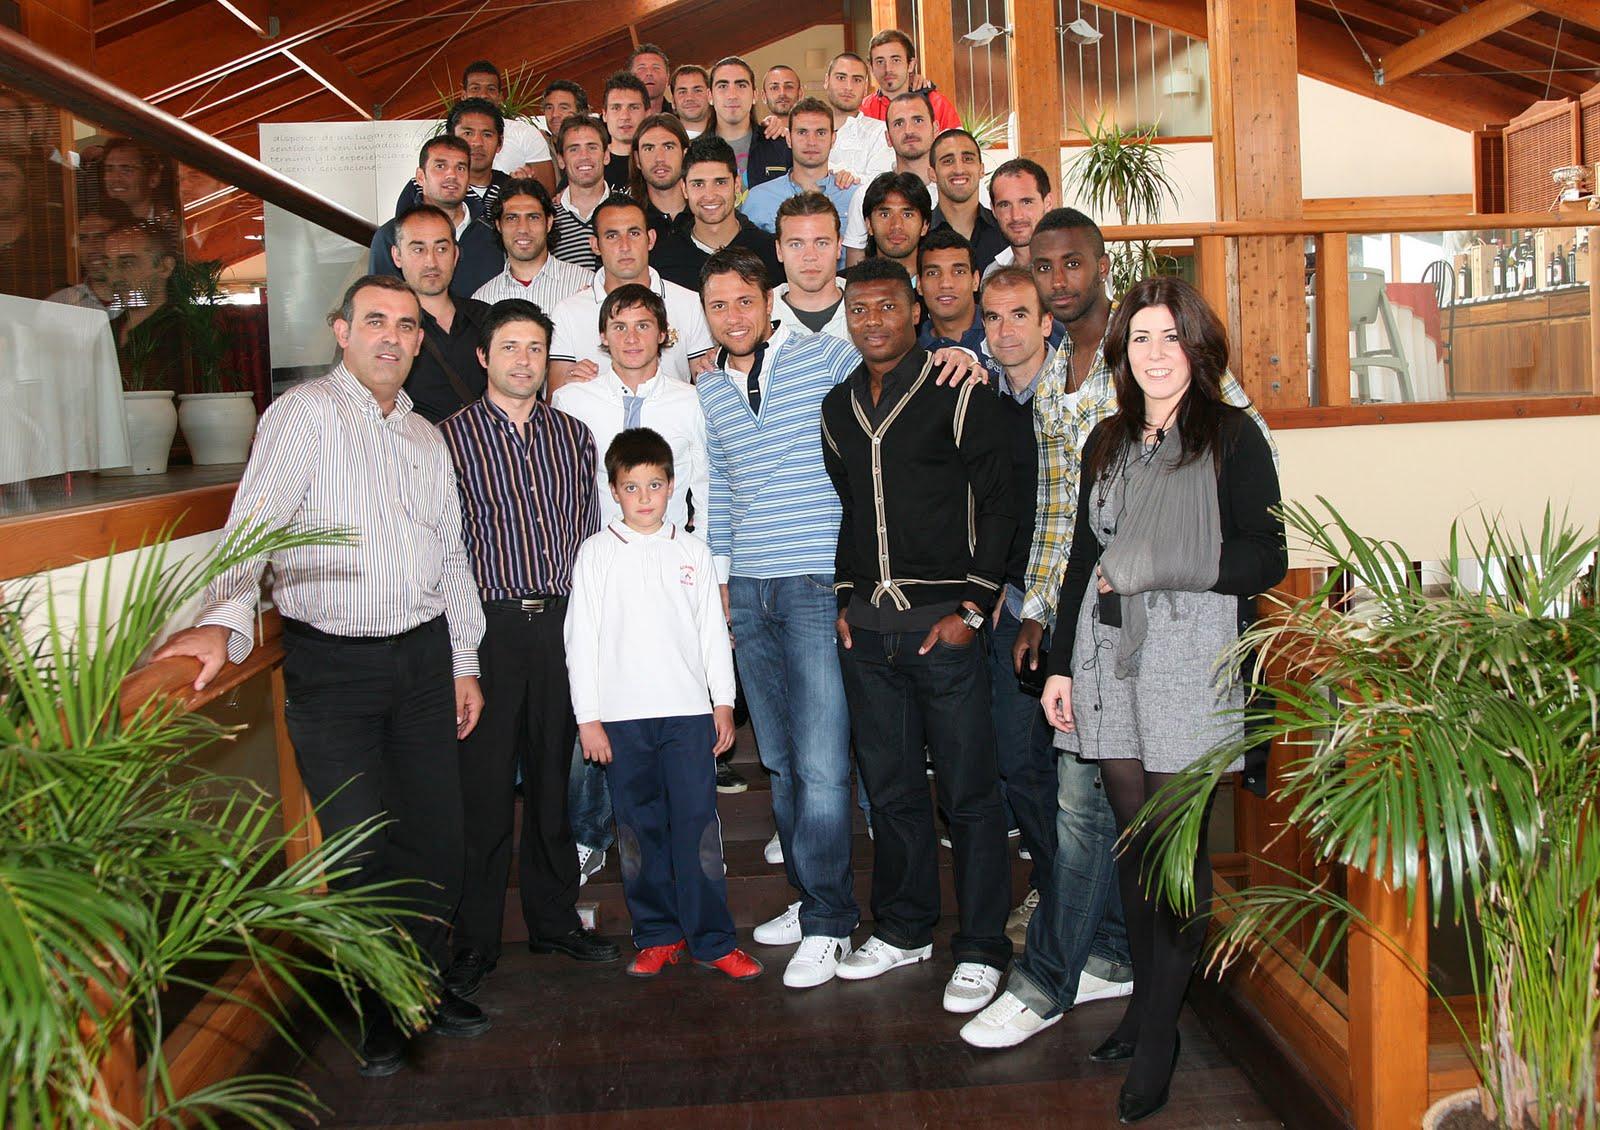 La uni n deportiva almer a apoya la iniciativa del grupo restauraci n gaby men solidario por - Muebles la union almeria ...